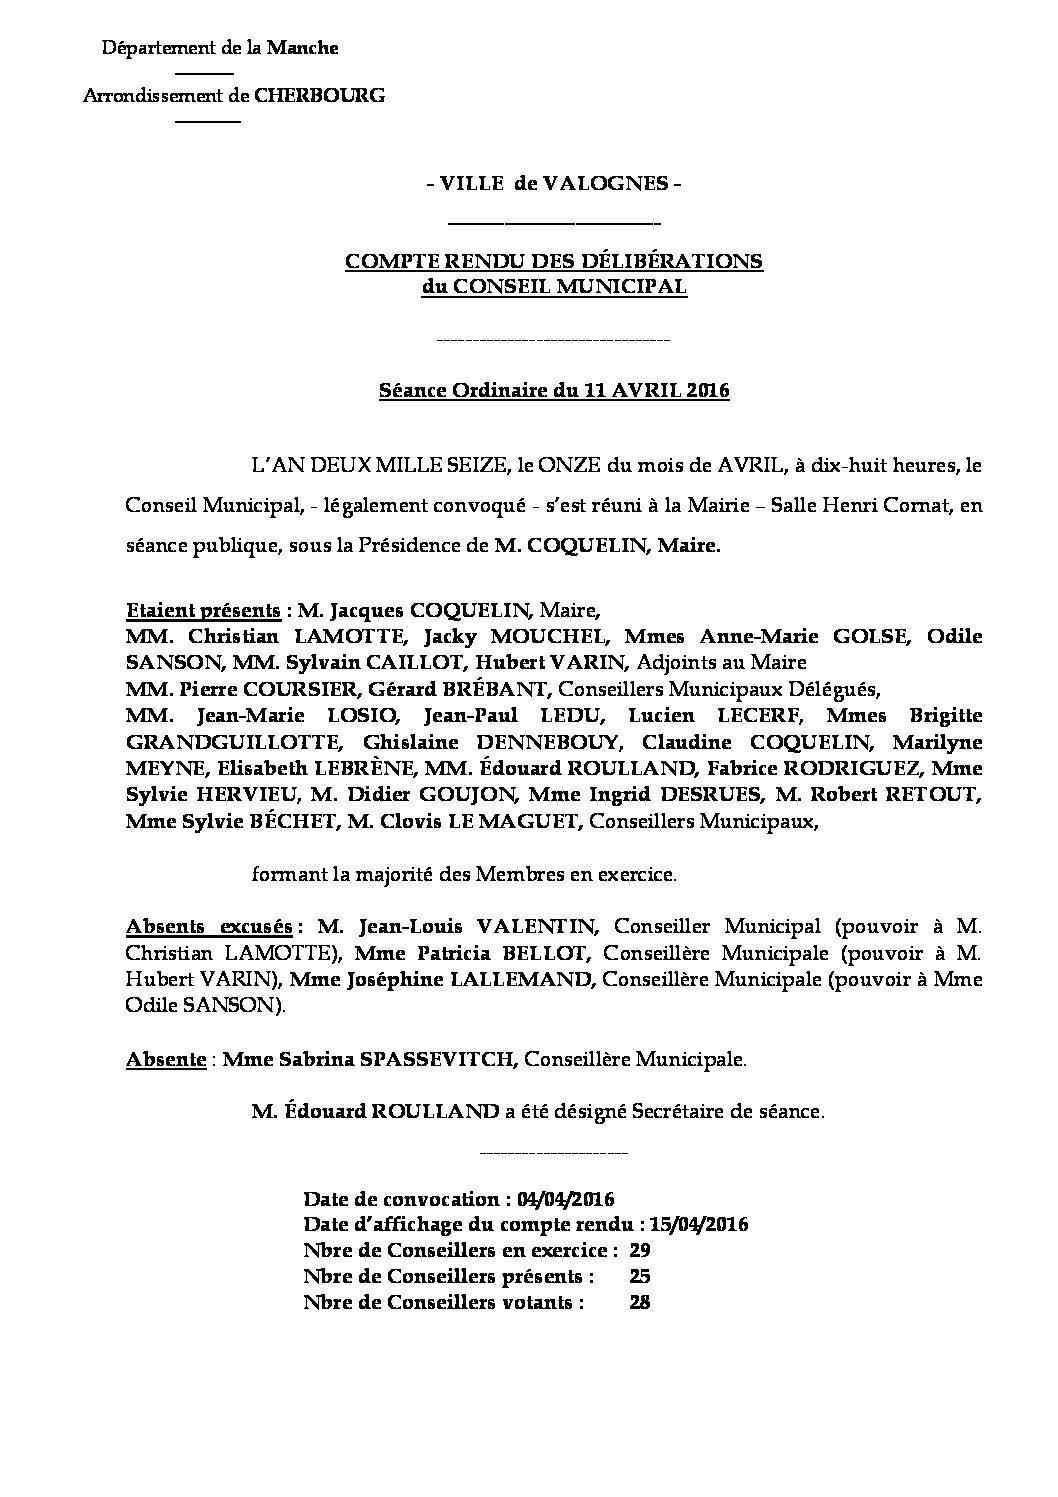 Extrait du registre des délibérations du 11-04-2016 - Compte rendu des questions soumises à délibération lors de la séance du Conseil Municipal du 11 avril 2016.